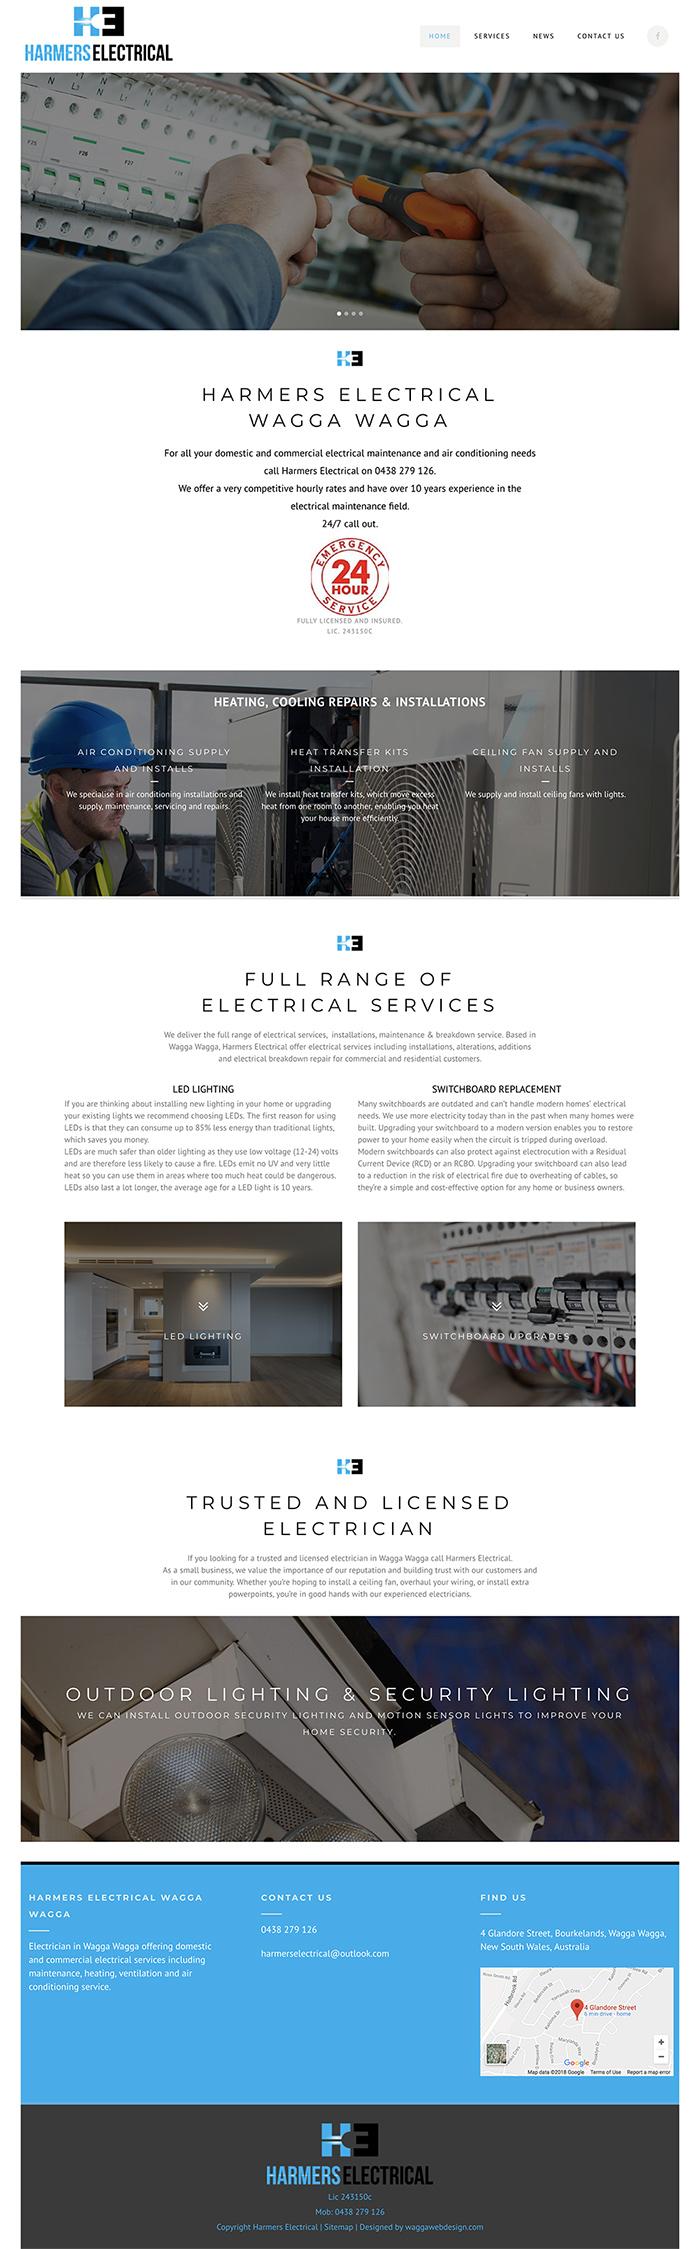 Wagga Wagga electrician